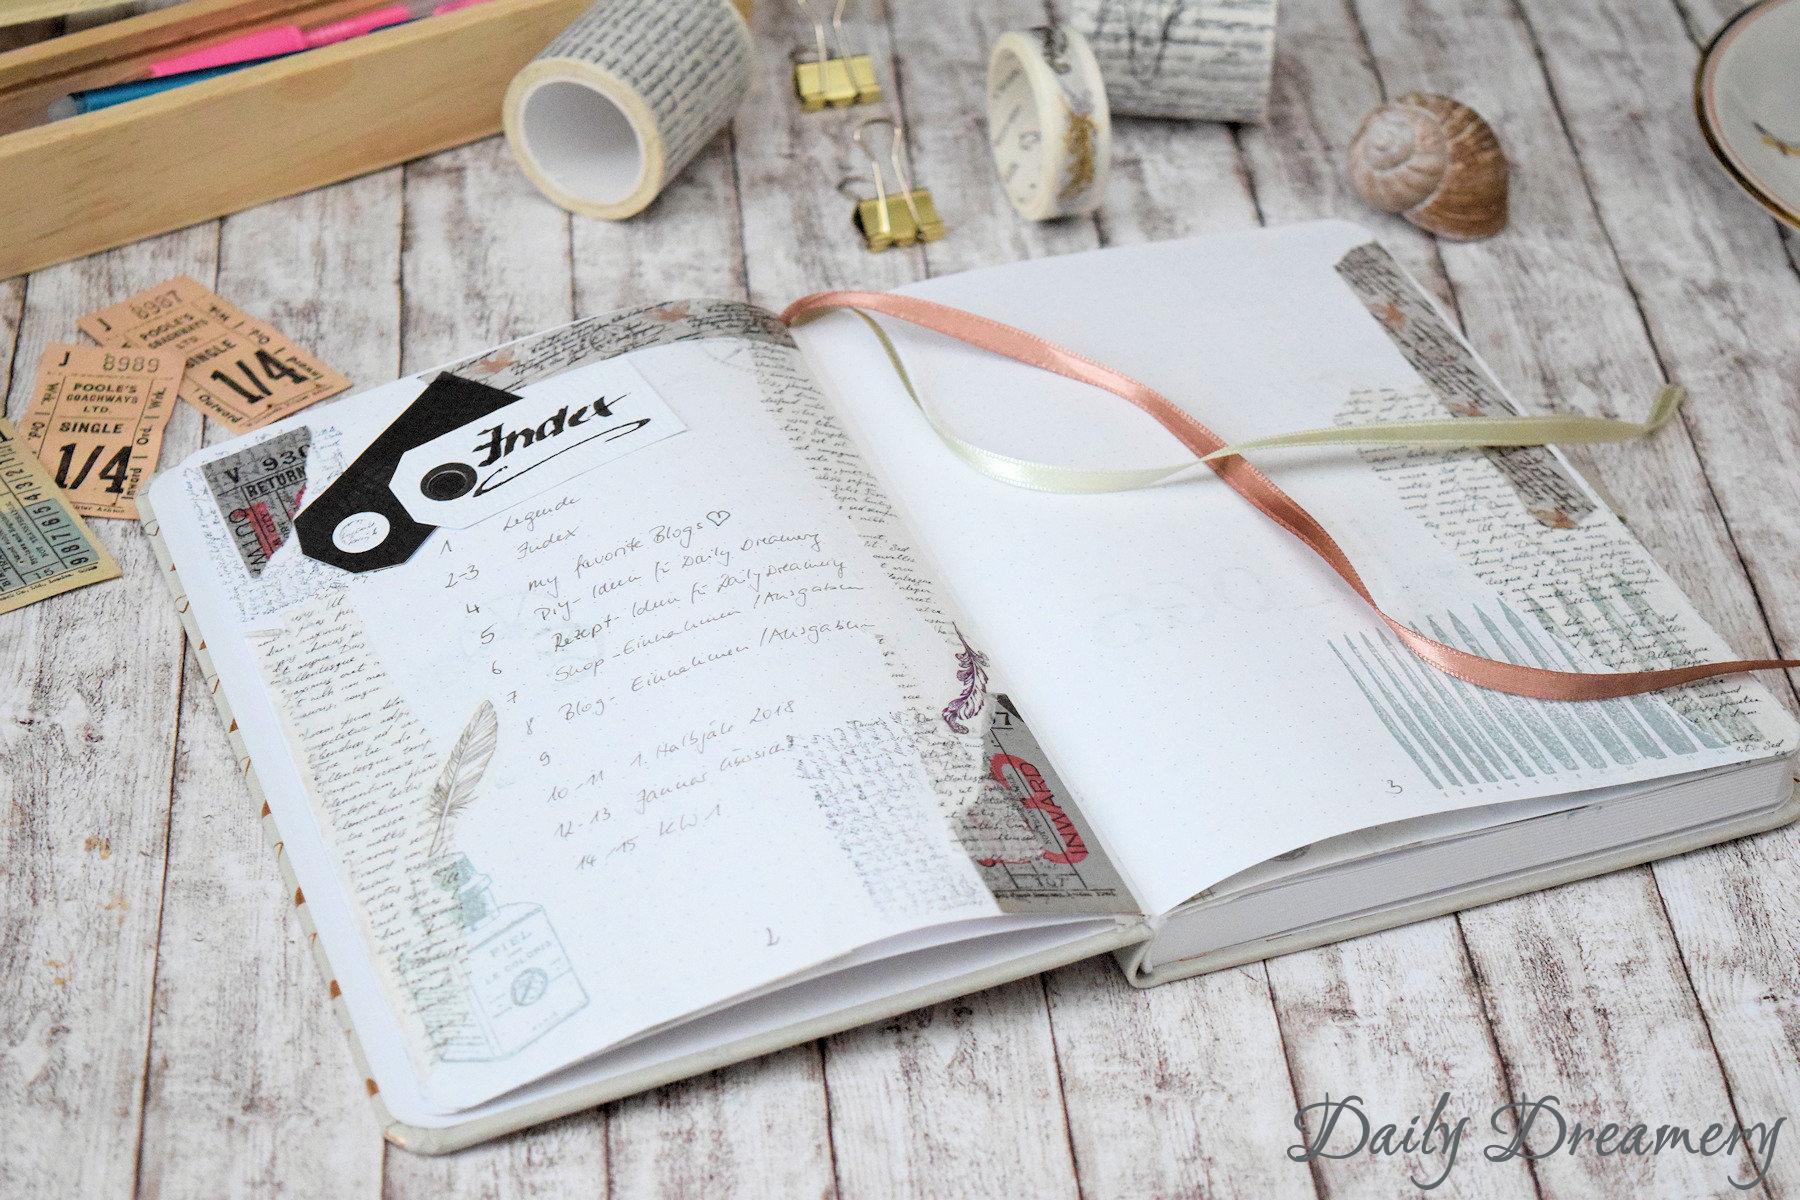 kreative Ideen für dein Bullet Journal - mach dir schöne Pläne!